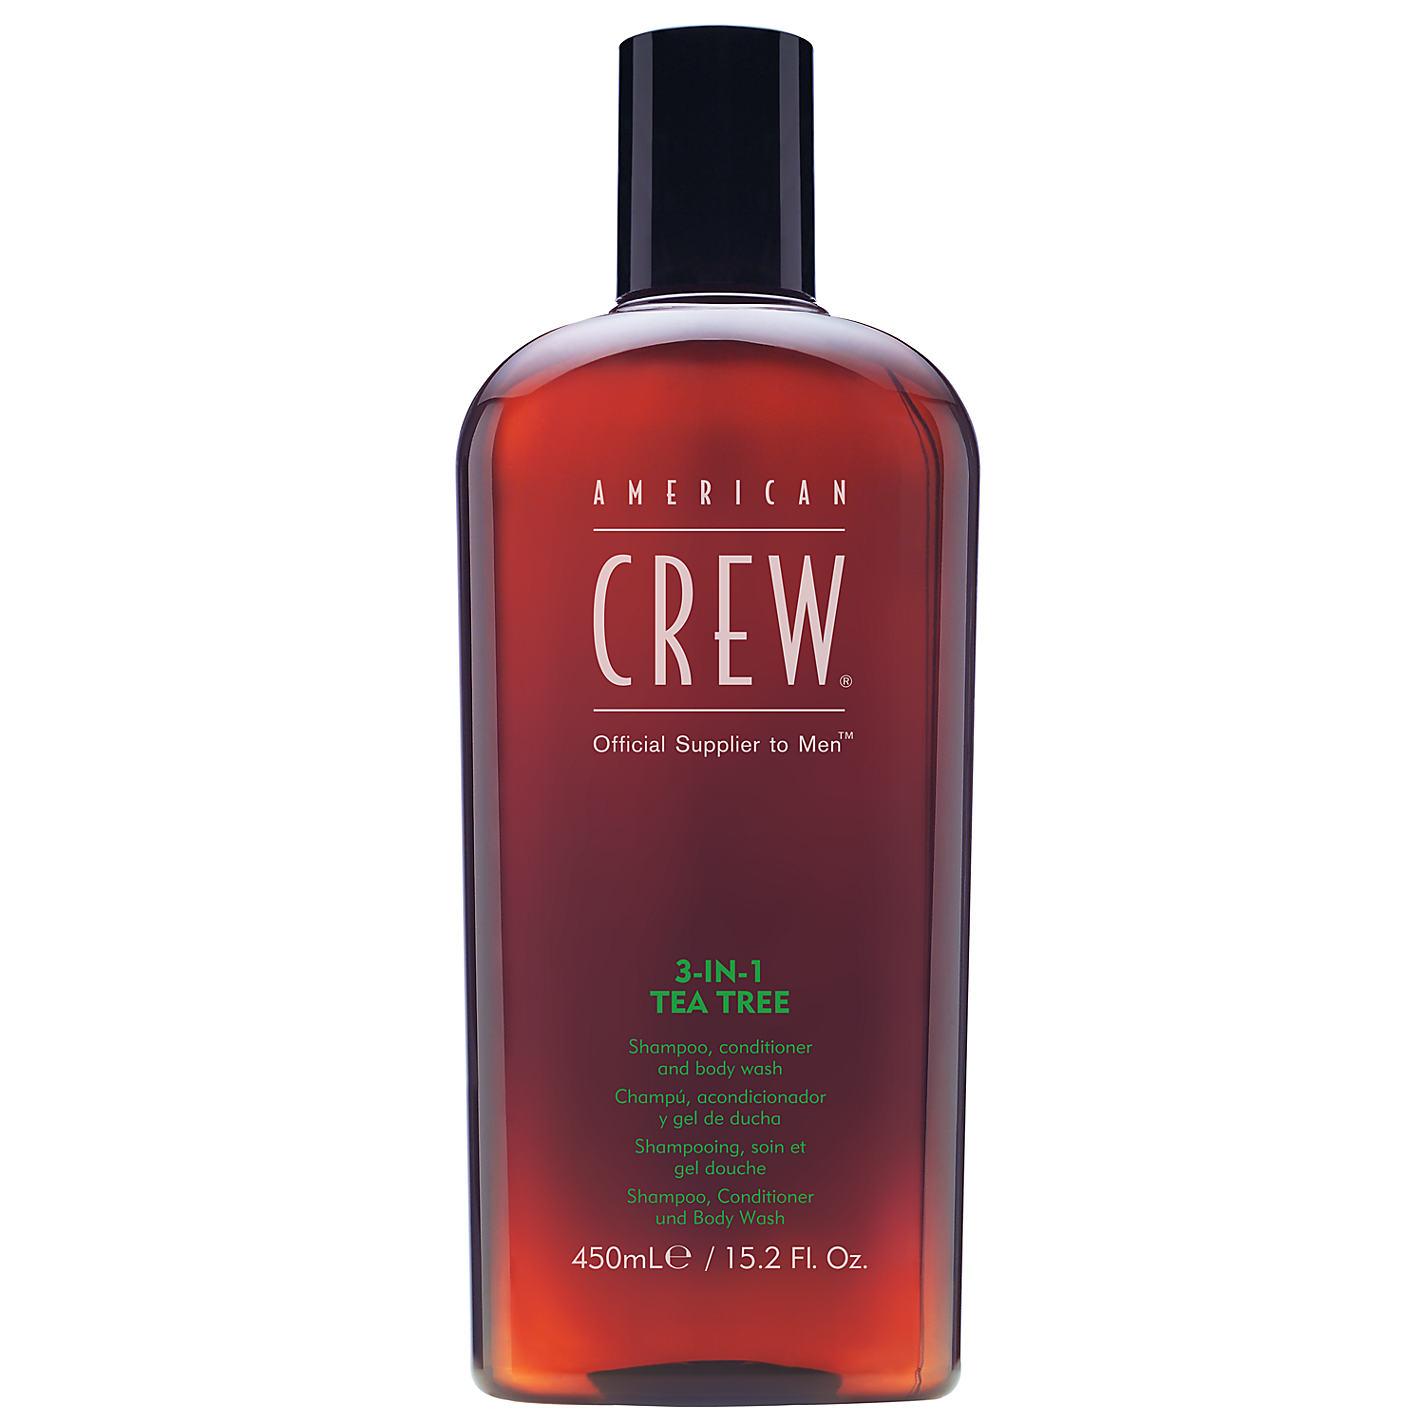 AMERICAN CREW 3 In 1 TEA TREE Shampoo - Conditioner - Body Wash 450ml